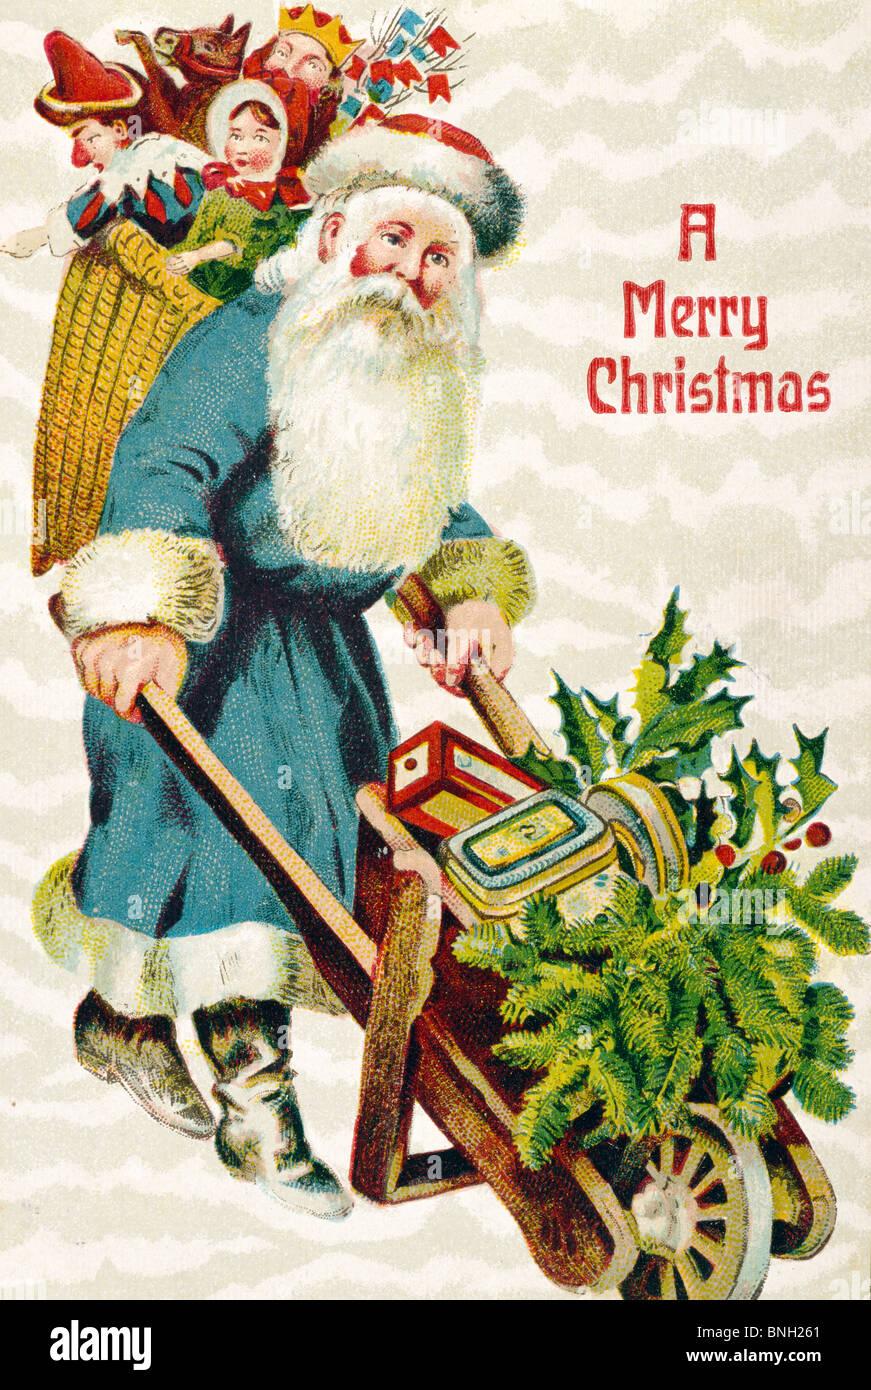 Weihnachten Nostalgisch.Frohe Weihnachten Nostalgie Karten 1900 Stockfoto Bild 30493065